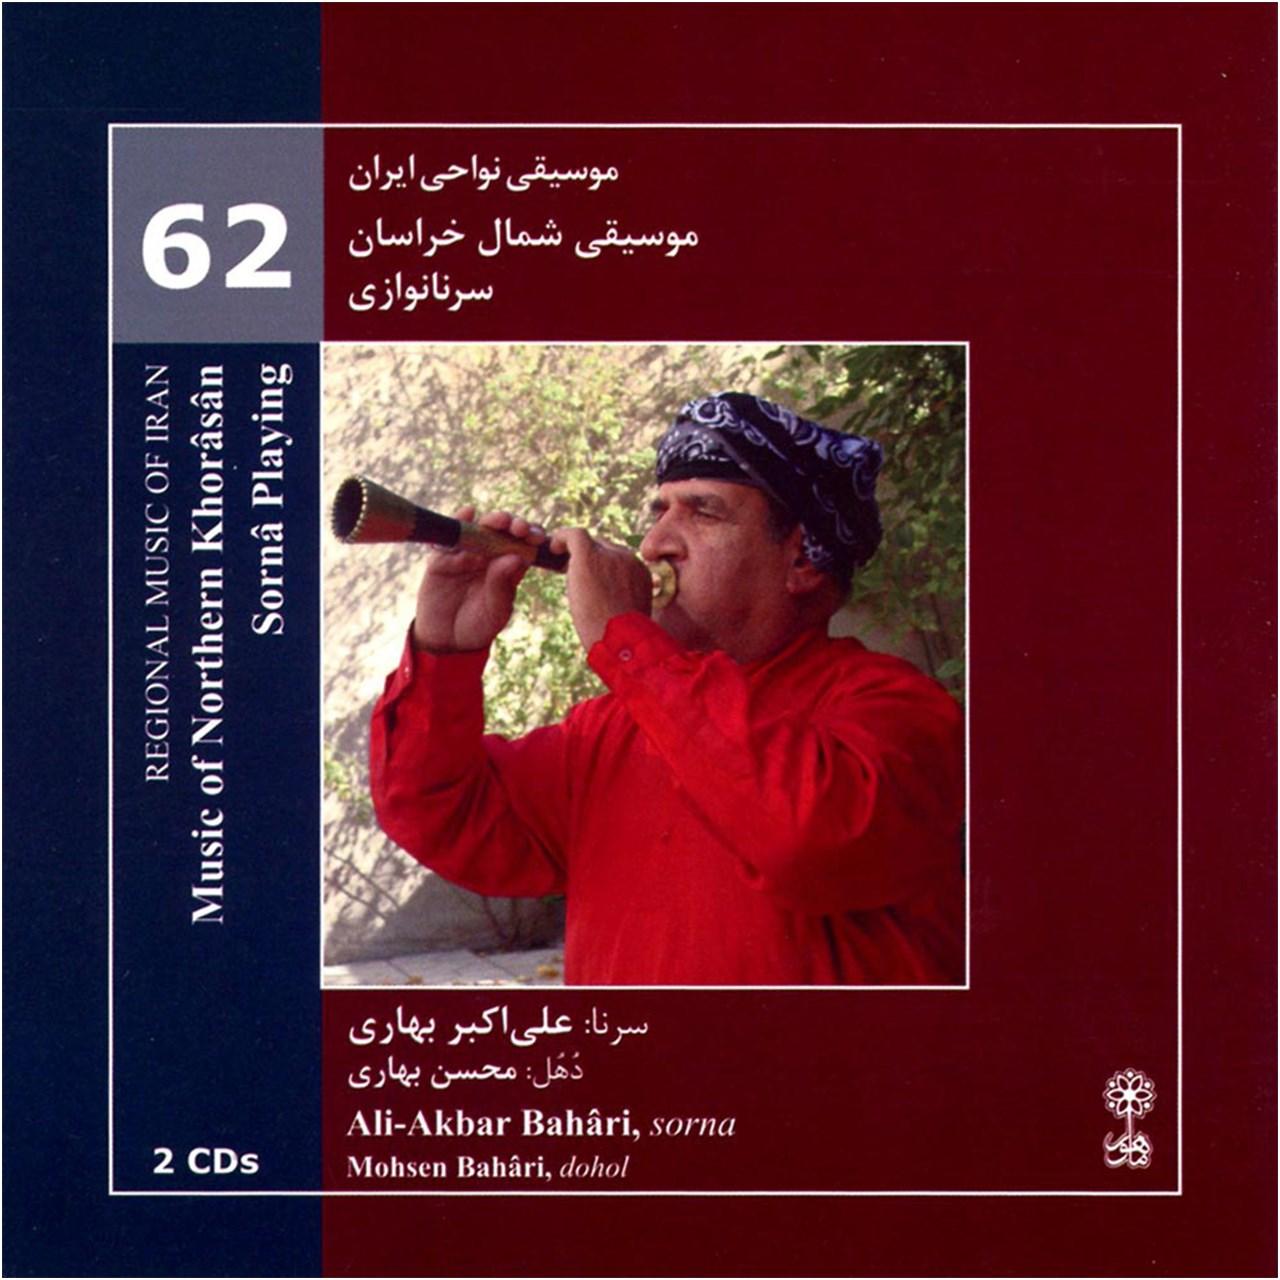 آلبوم موسیقی شمال خراسان سرنا نوازی اثر علی اکبر بهاری